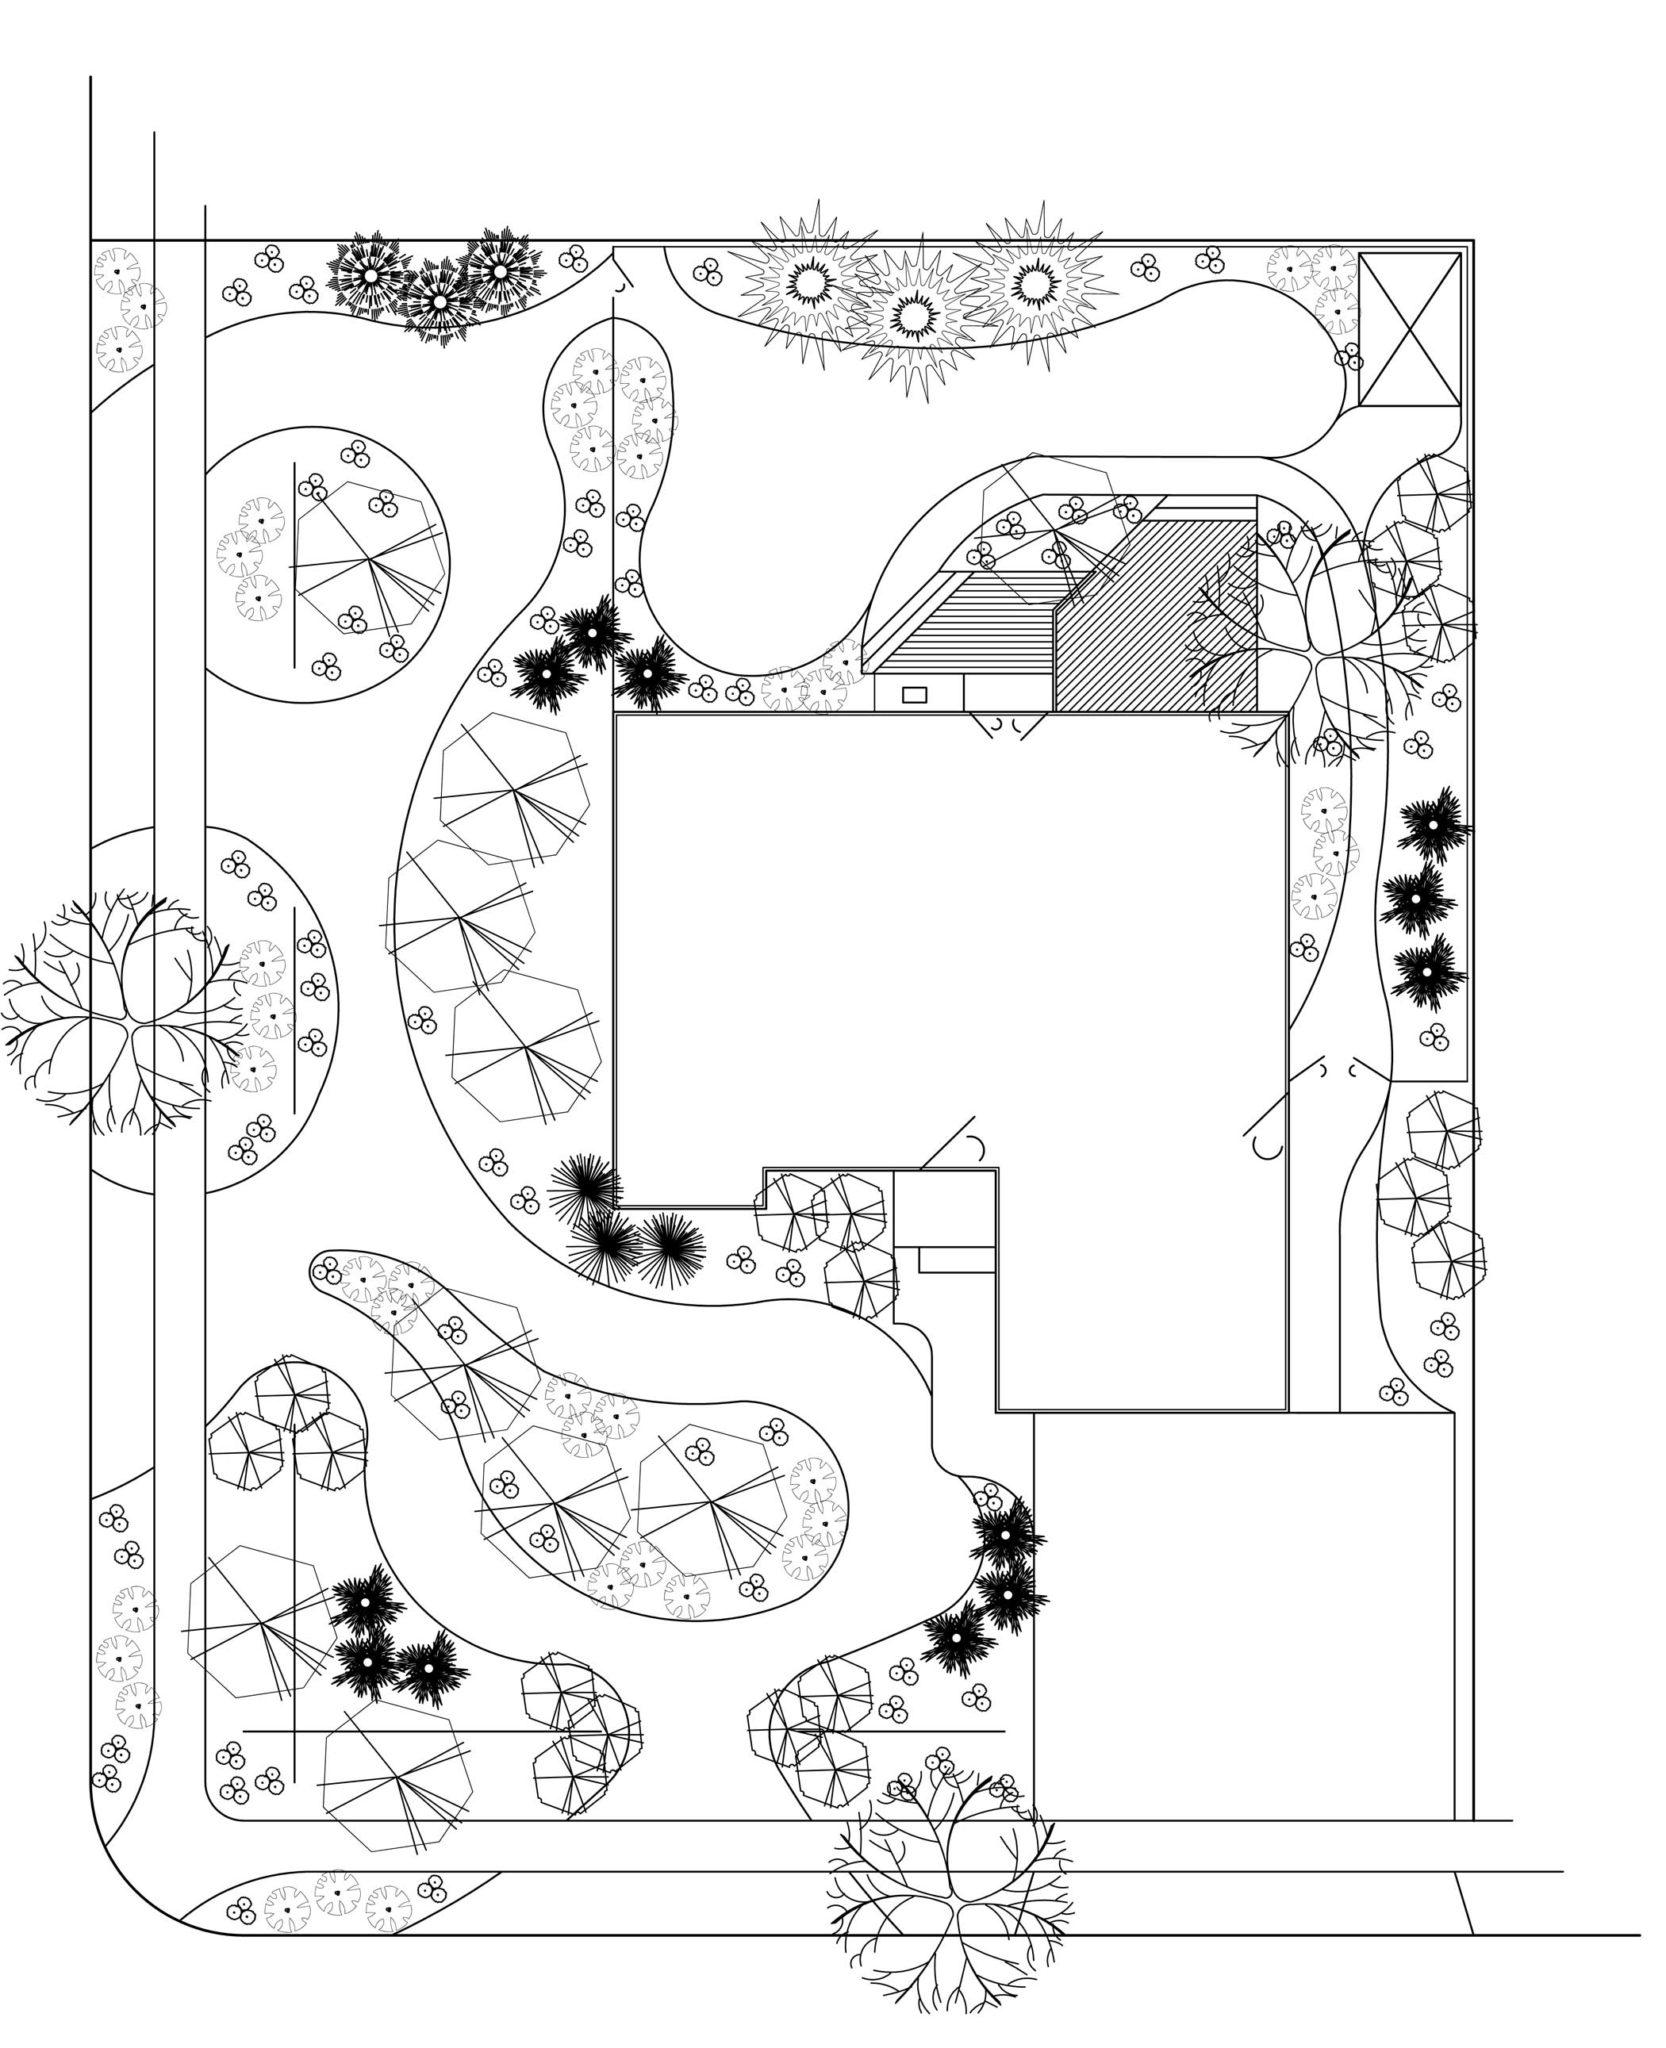 Landscape Concept Plan Park Design Landscape Expressions